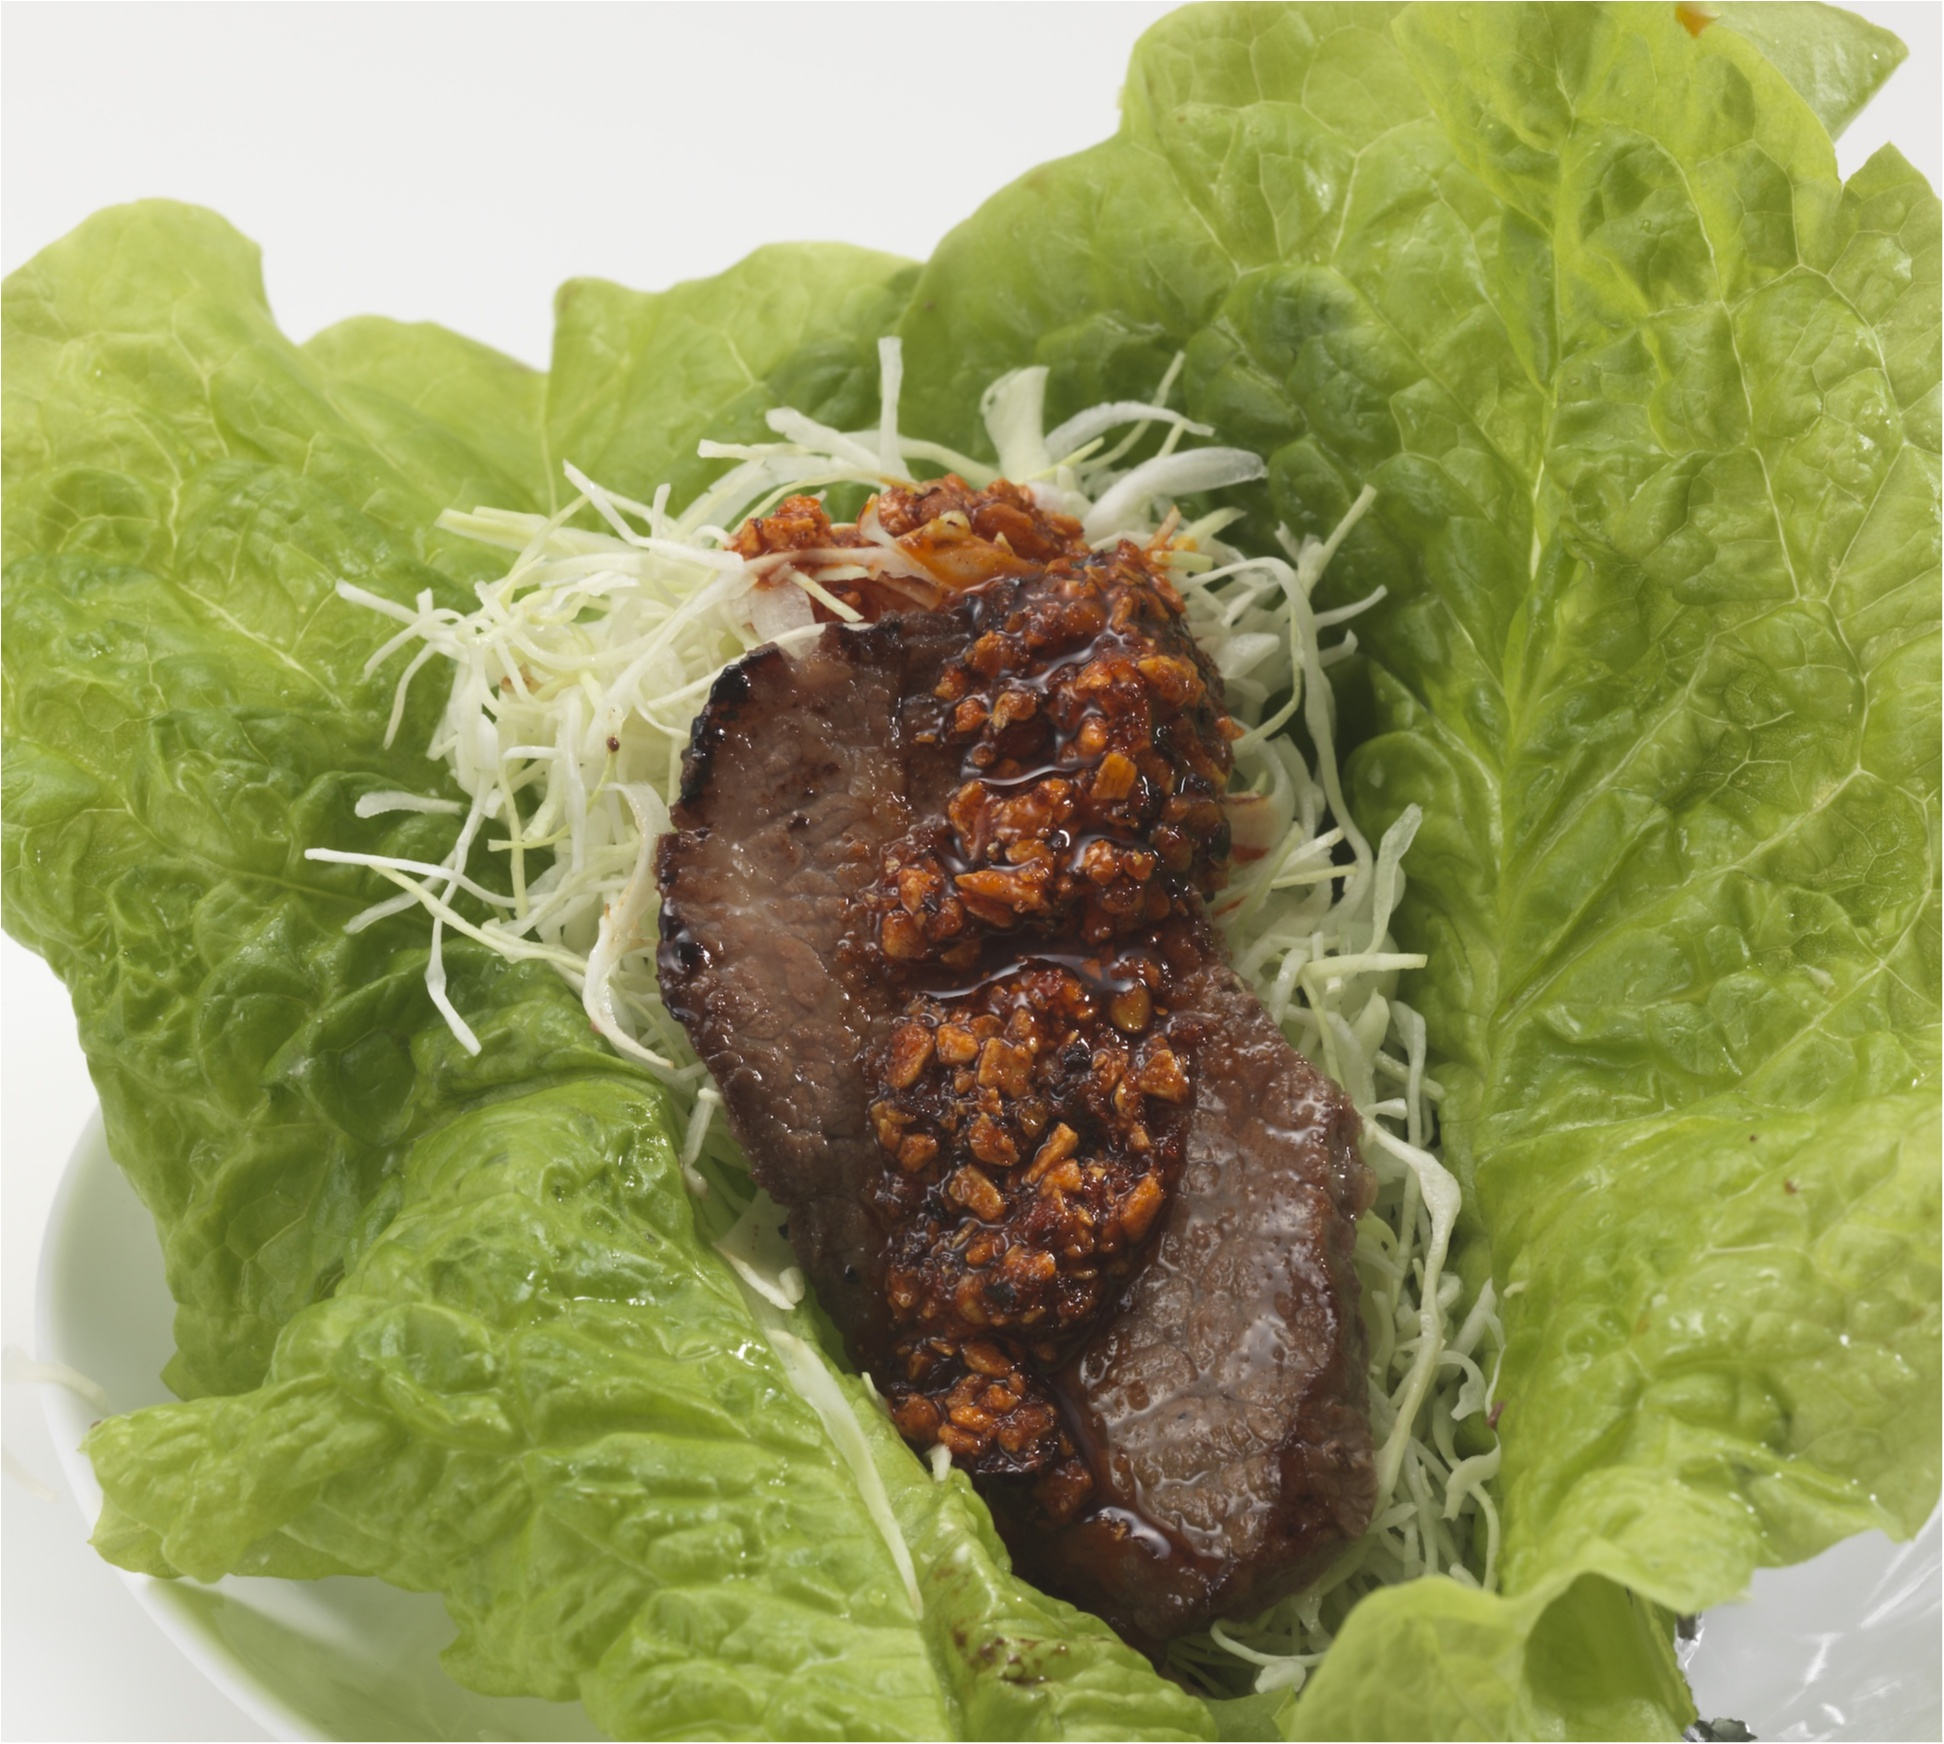 『牛角』じゃなくて『ベジカク』!? パクチー好きも必見♡ 今年の夏はお肉と一緒に野菜をモリモリ食べよう♬_2_1